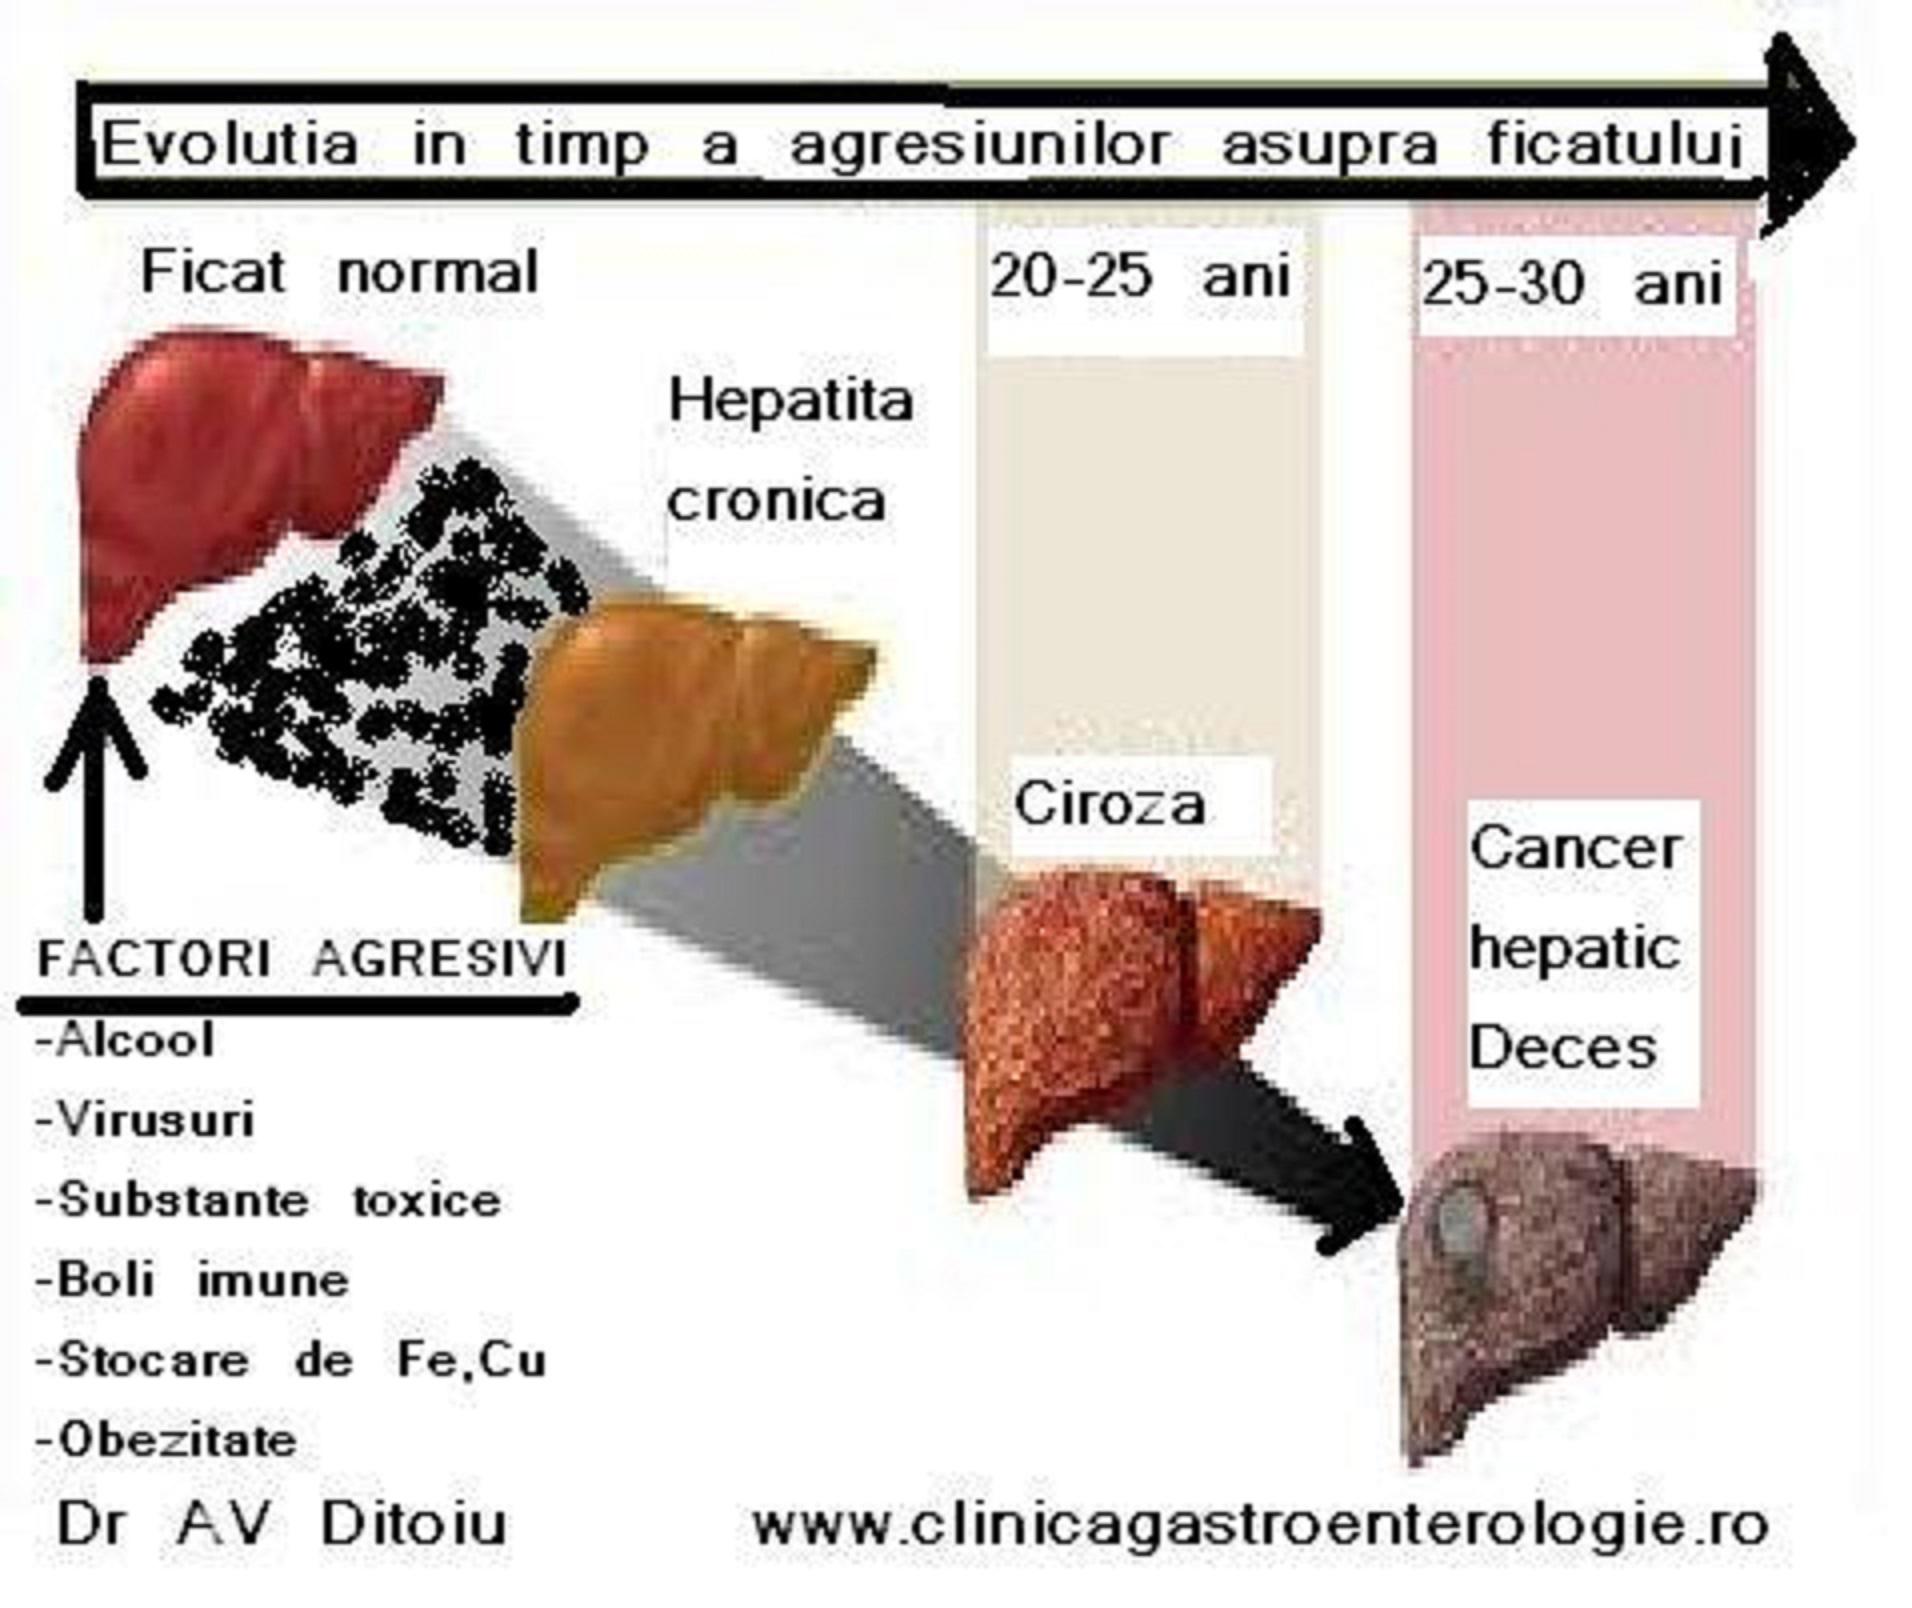 Hepatita C cu evolutie galopanta